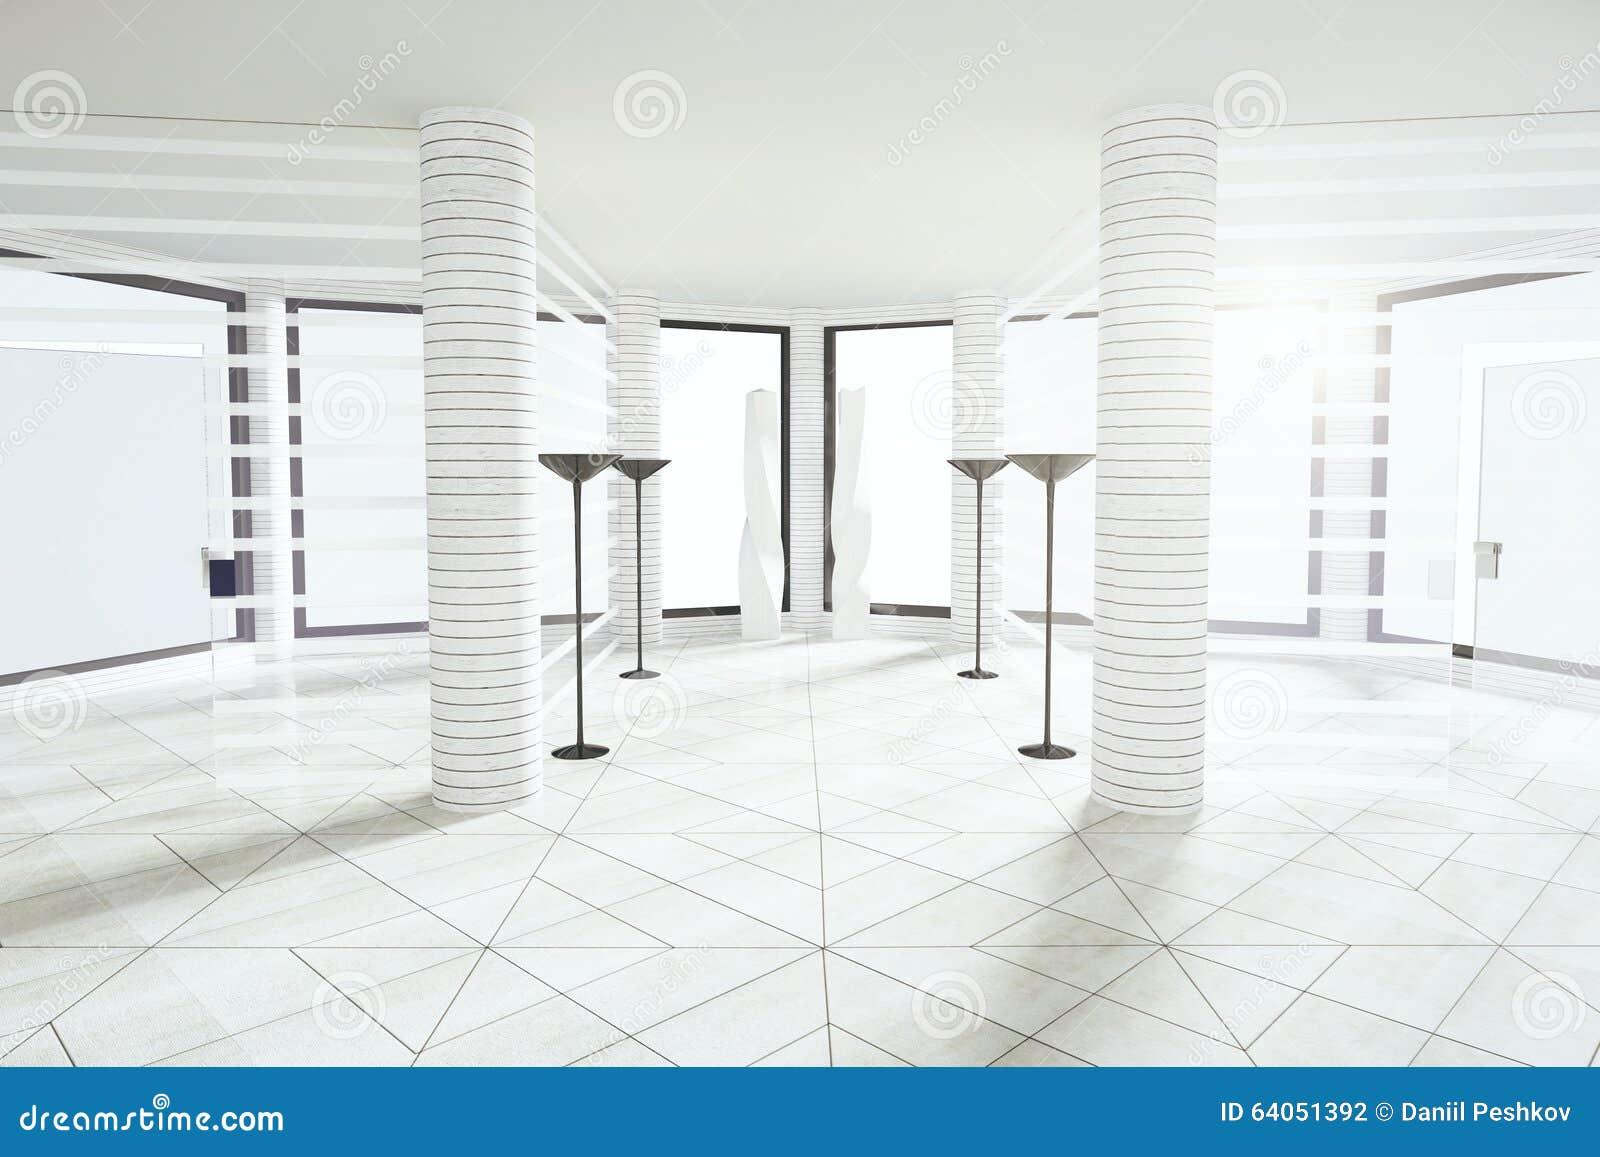 moderner wei er leerer raum mit s ulen und gro en fenstern stock abbildung illustration von. Black Bedroom Furniture Sets. Home Design Ideas